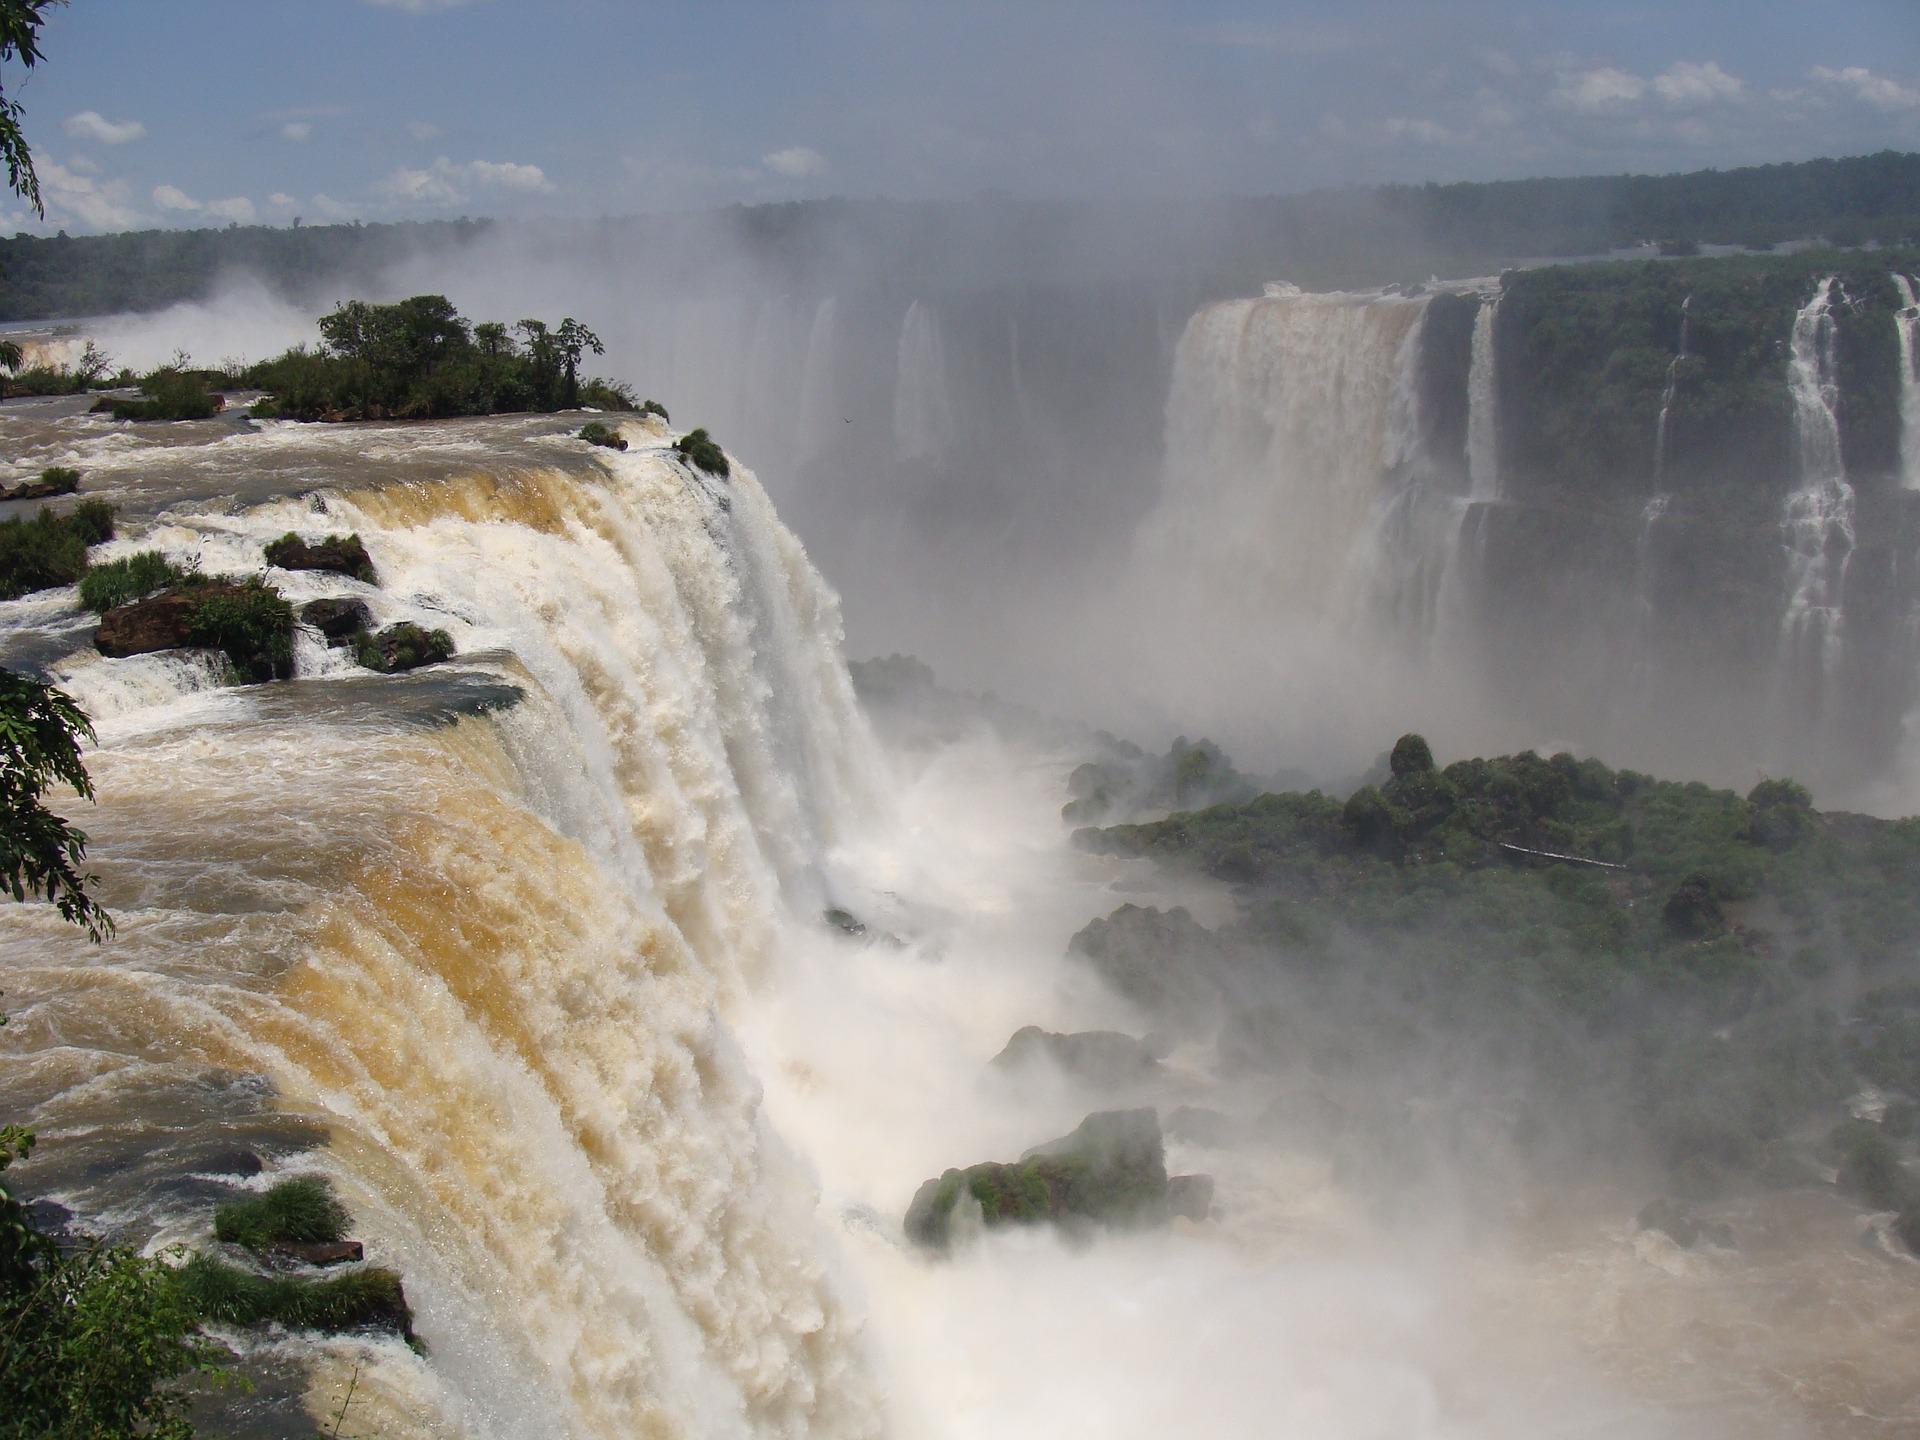 gorge du diable chutes brésiliennes Iguaçu